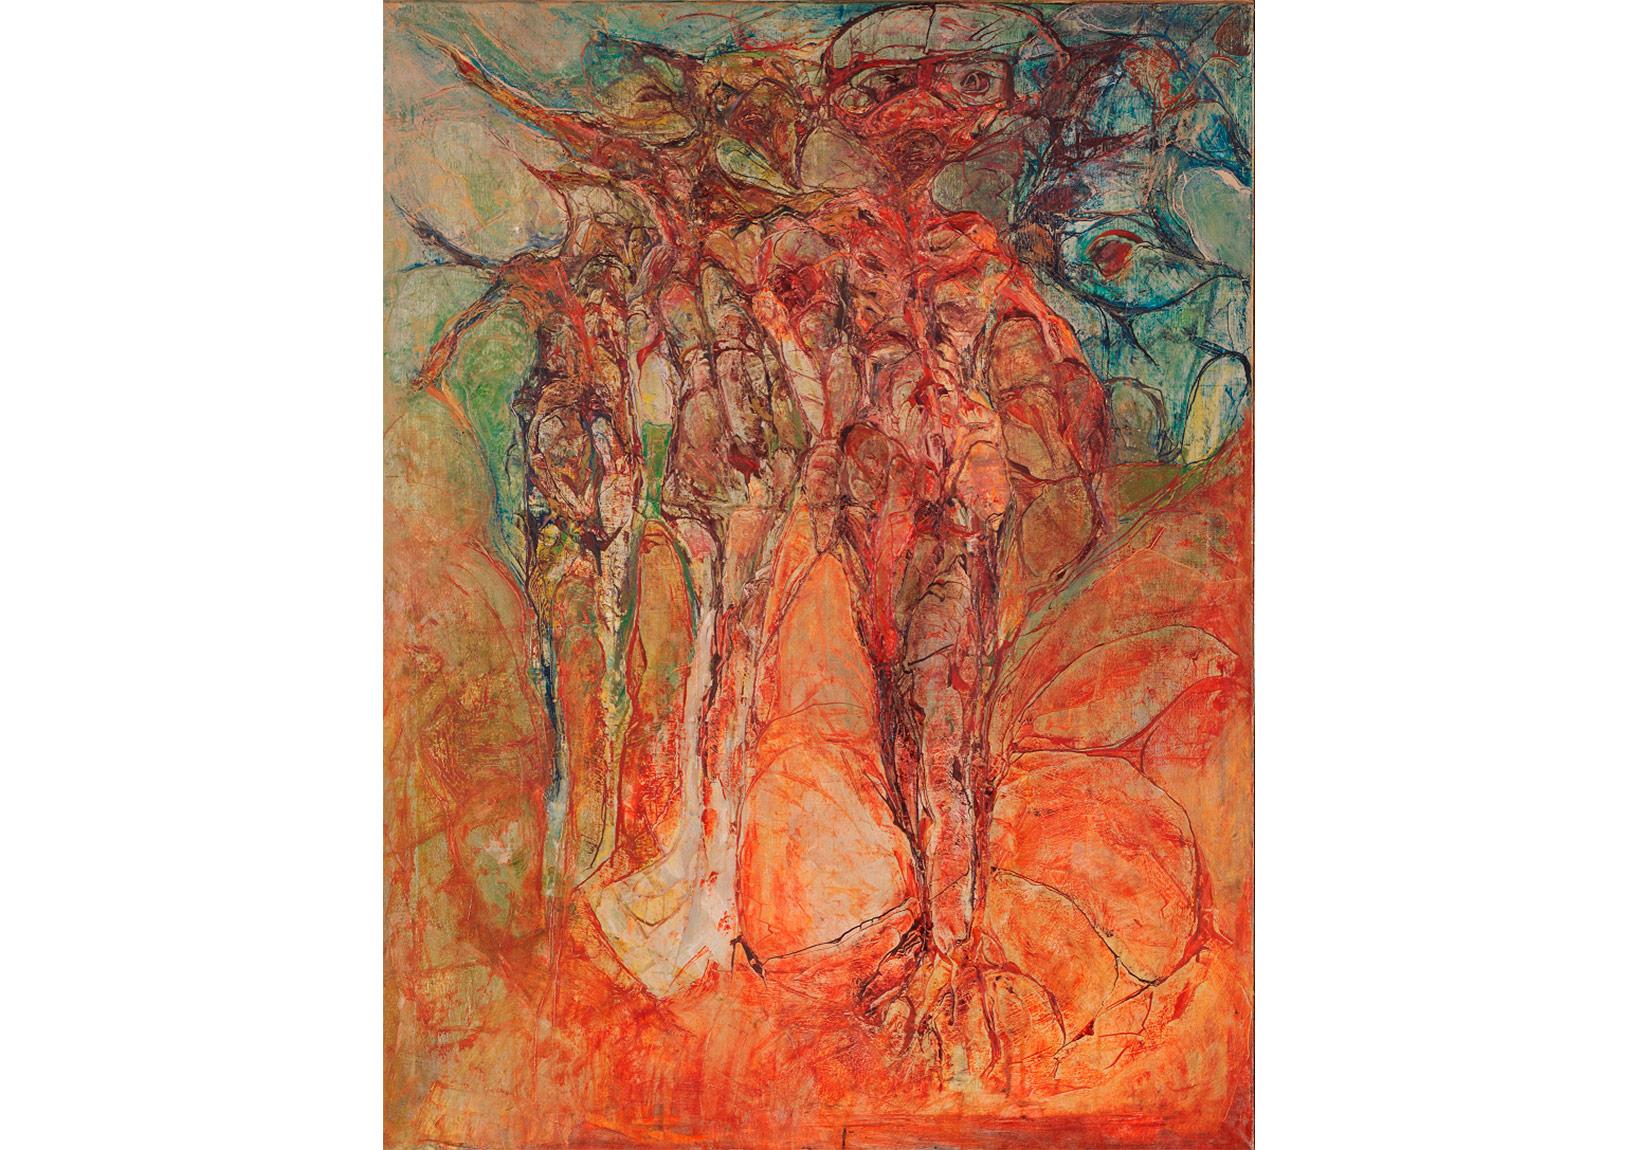 Doğada Üç Kişi,Tuval üzerine yağlıboya,115 x 88 cm,Oya-Bülent Eczacıbaşı Koleksiyonu